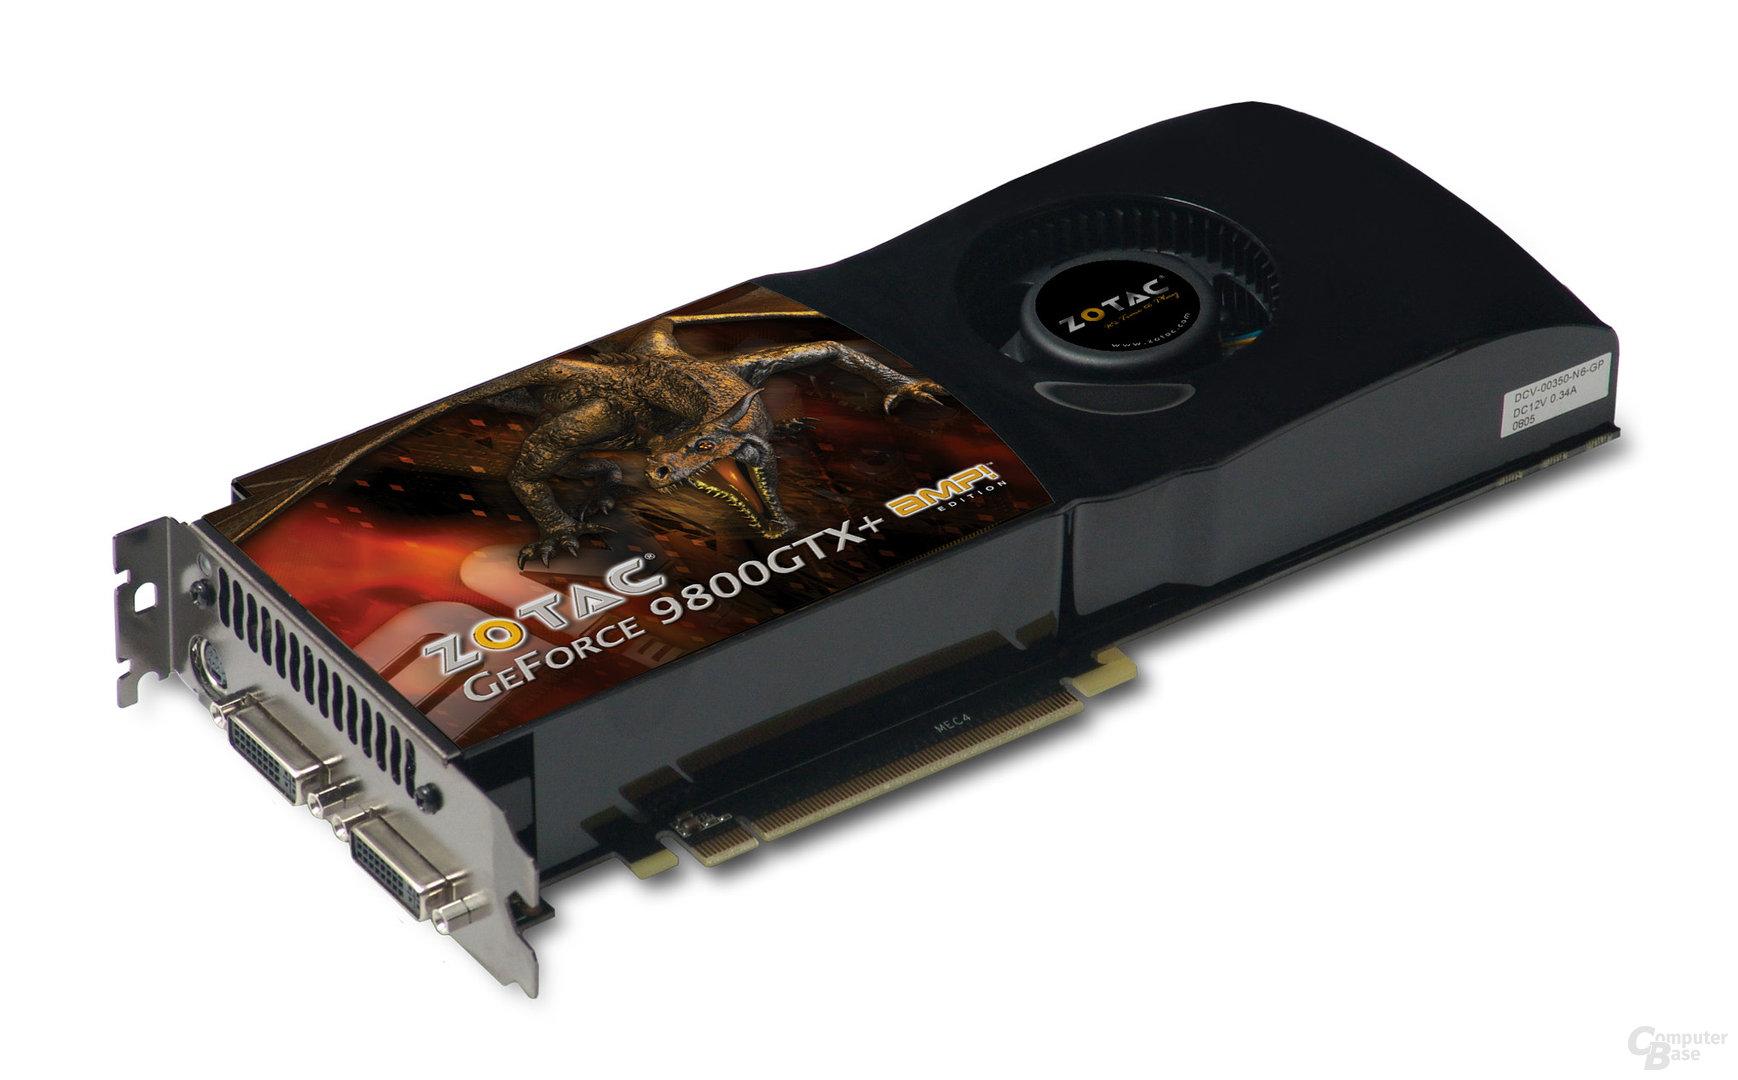 Zotac GeForce 9800 GTX+ AMP!